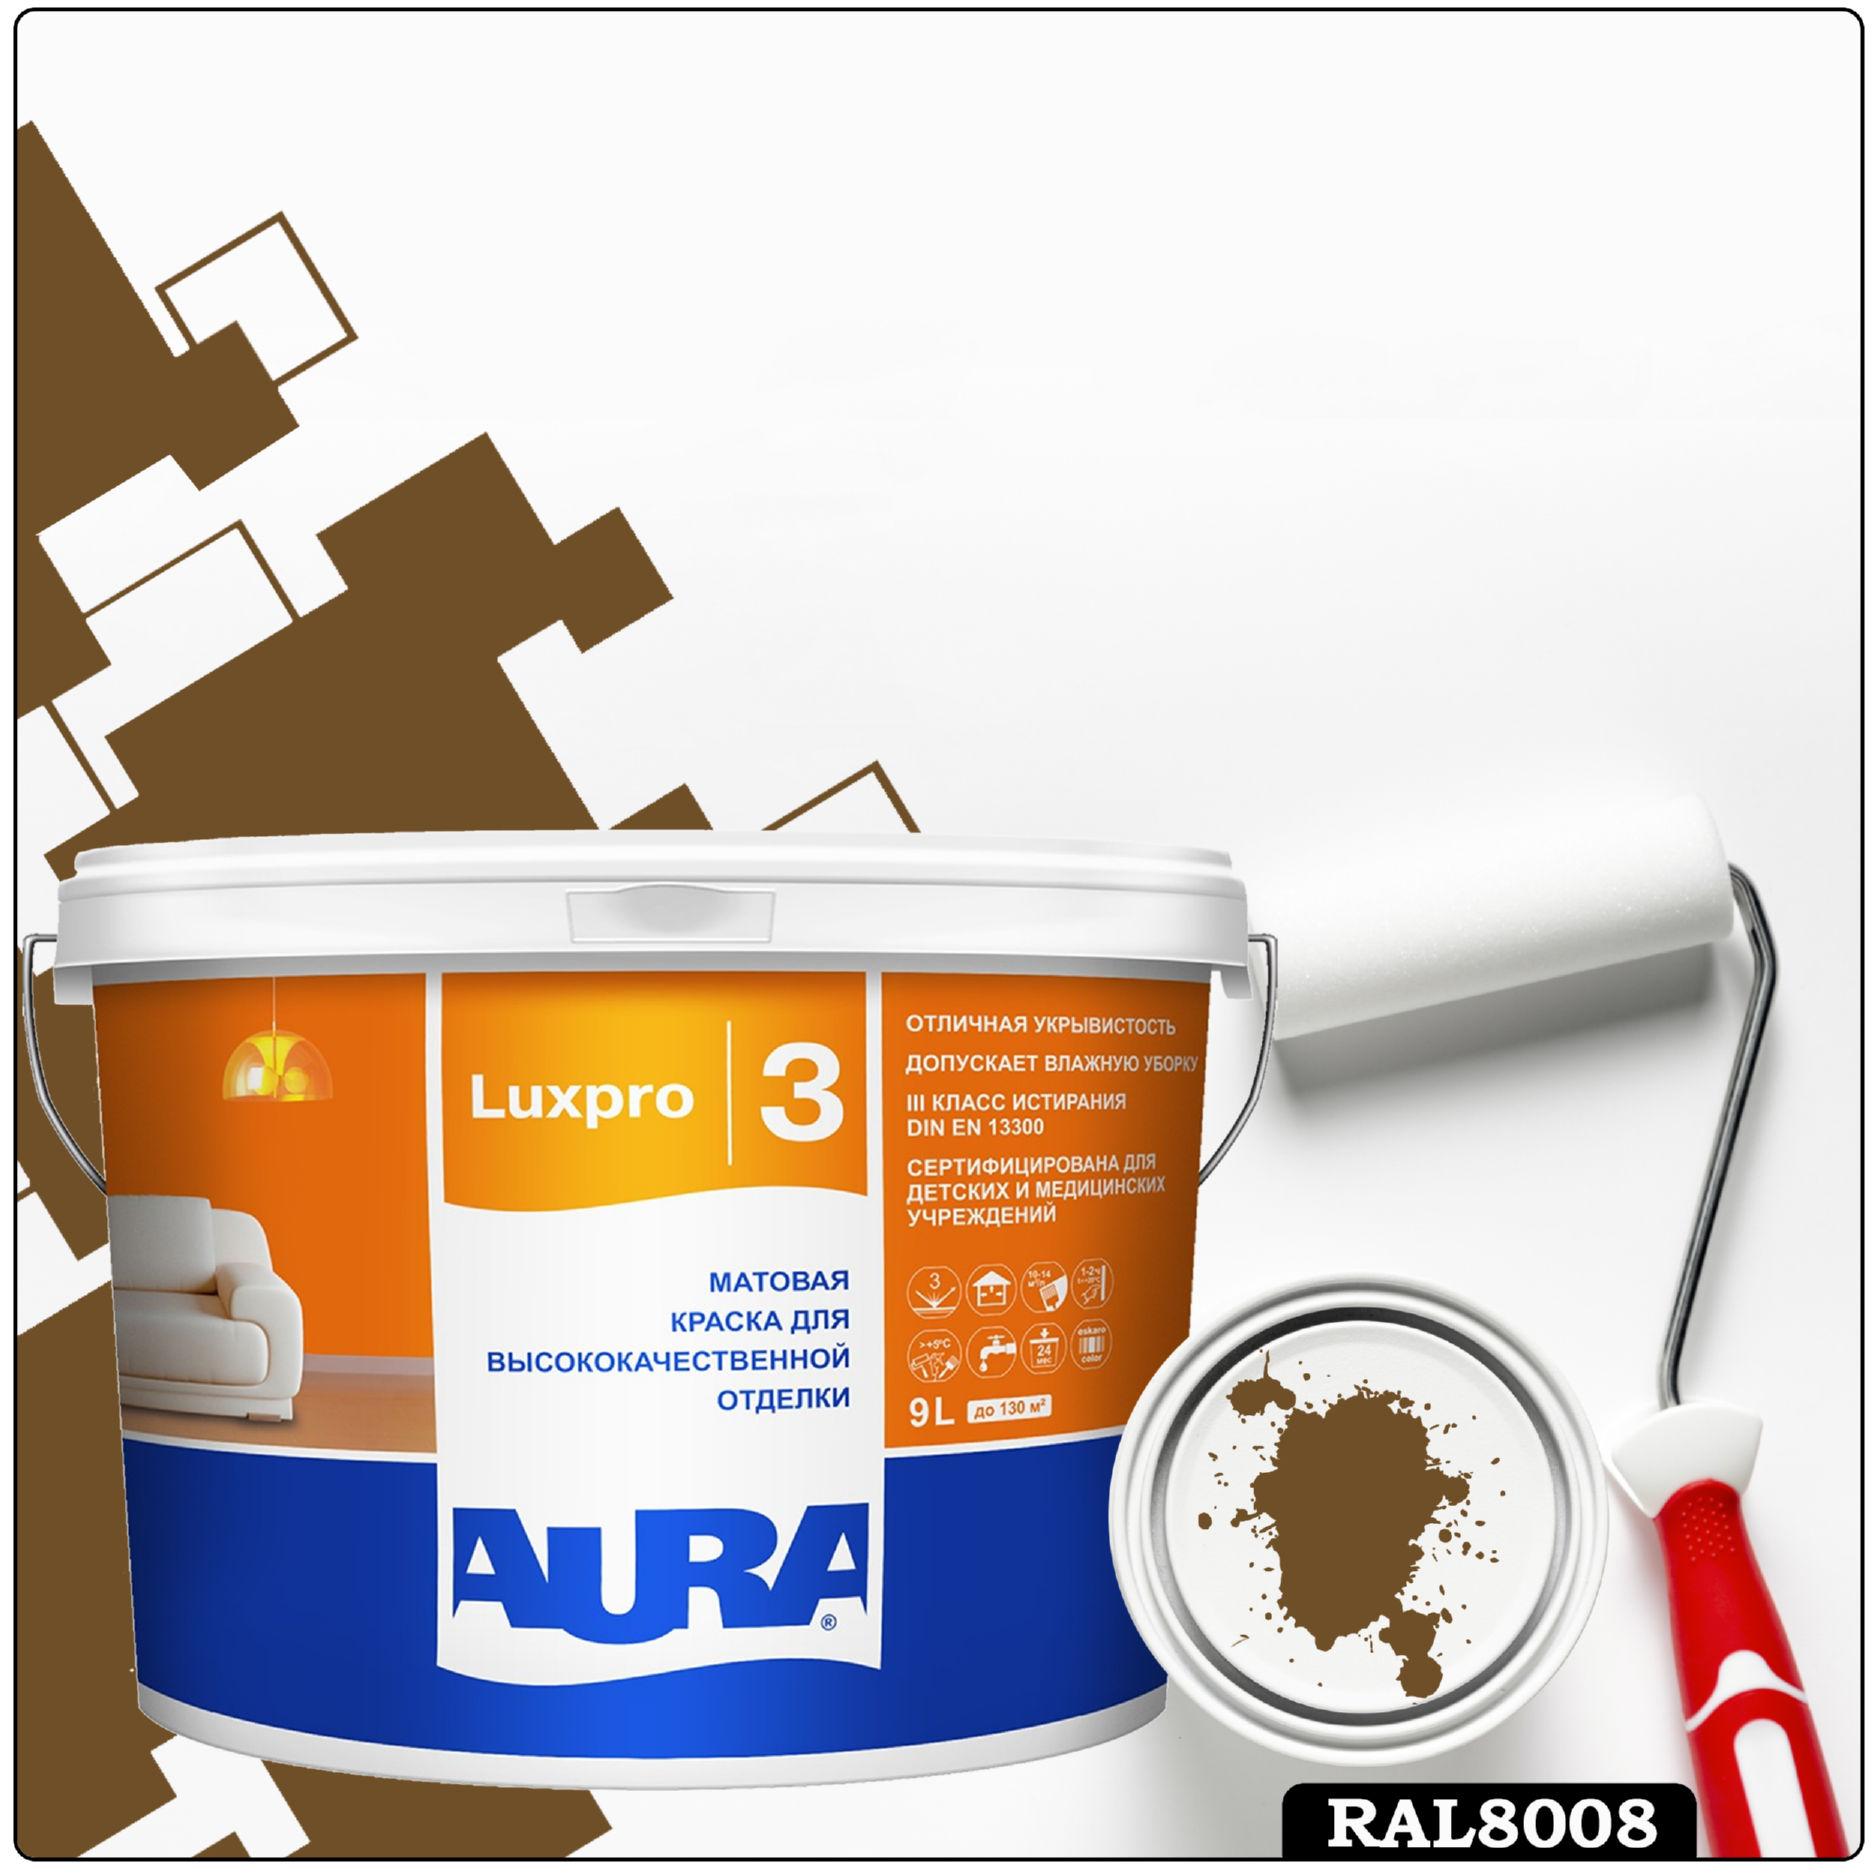 Фото 2 - Краска Aura LuxPRO 3, RAL 8008 Оливково-коричневый, латексная, шелково-матовая, интерьерная, 9л, Аура.